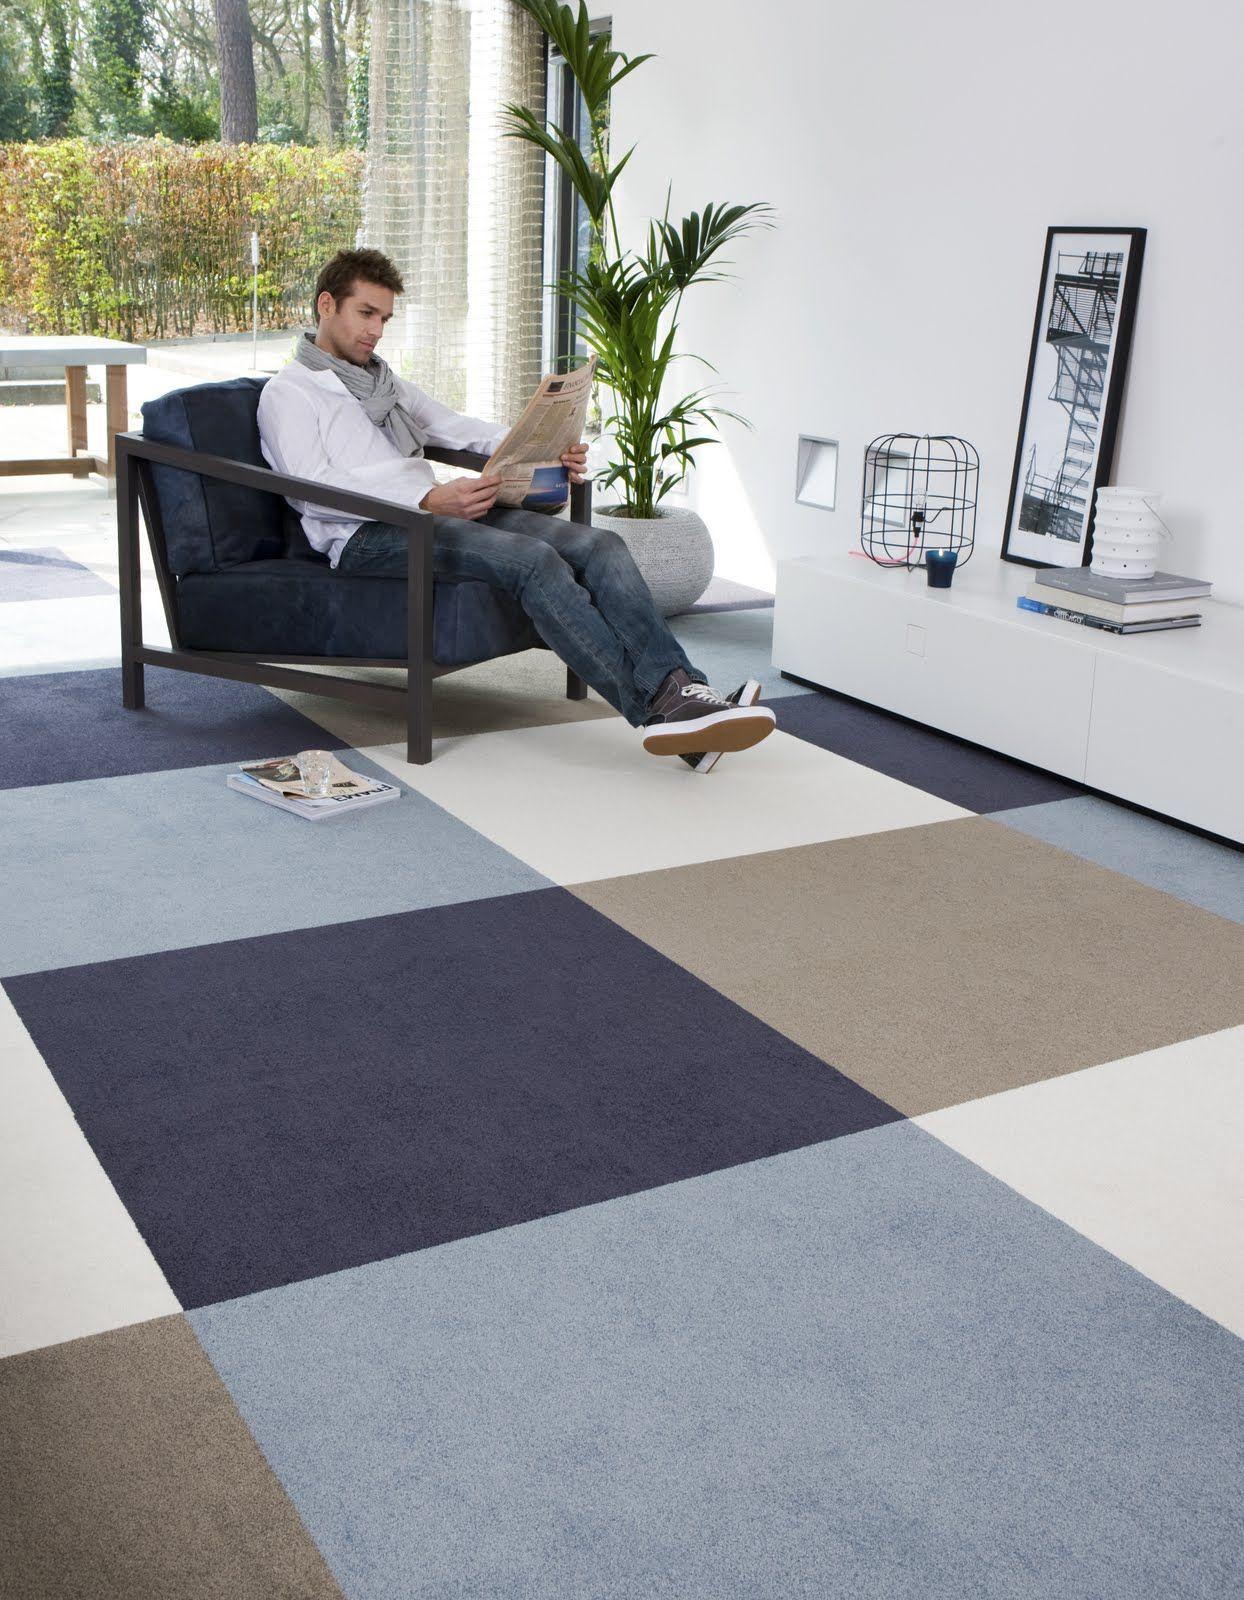 Flor Carpet Tiles Carpet Tiles Carpet Tiles Basement Commercial Carpet Tiles